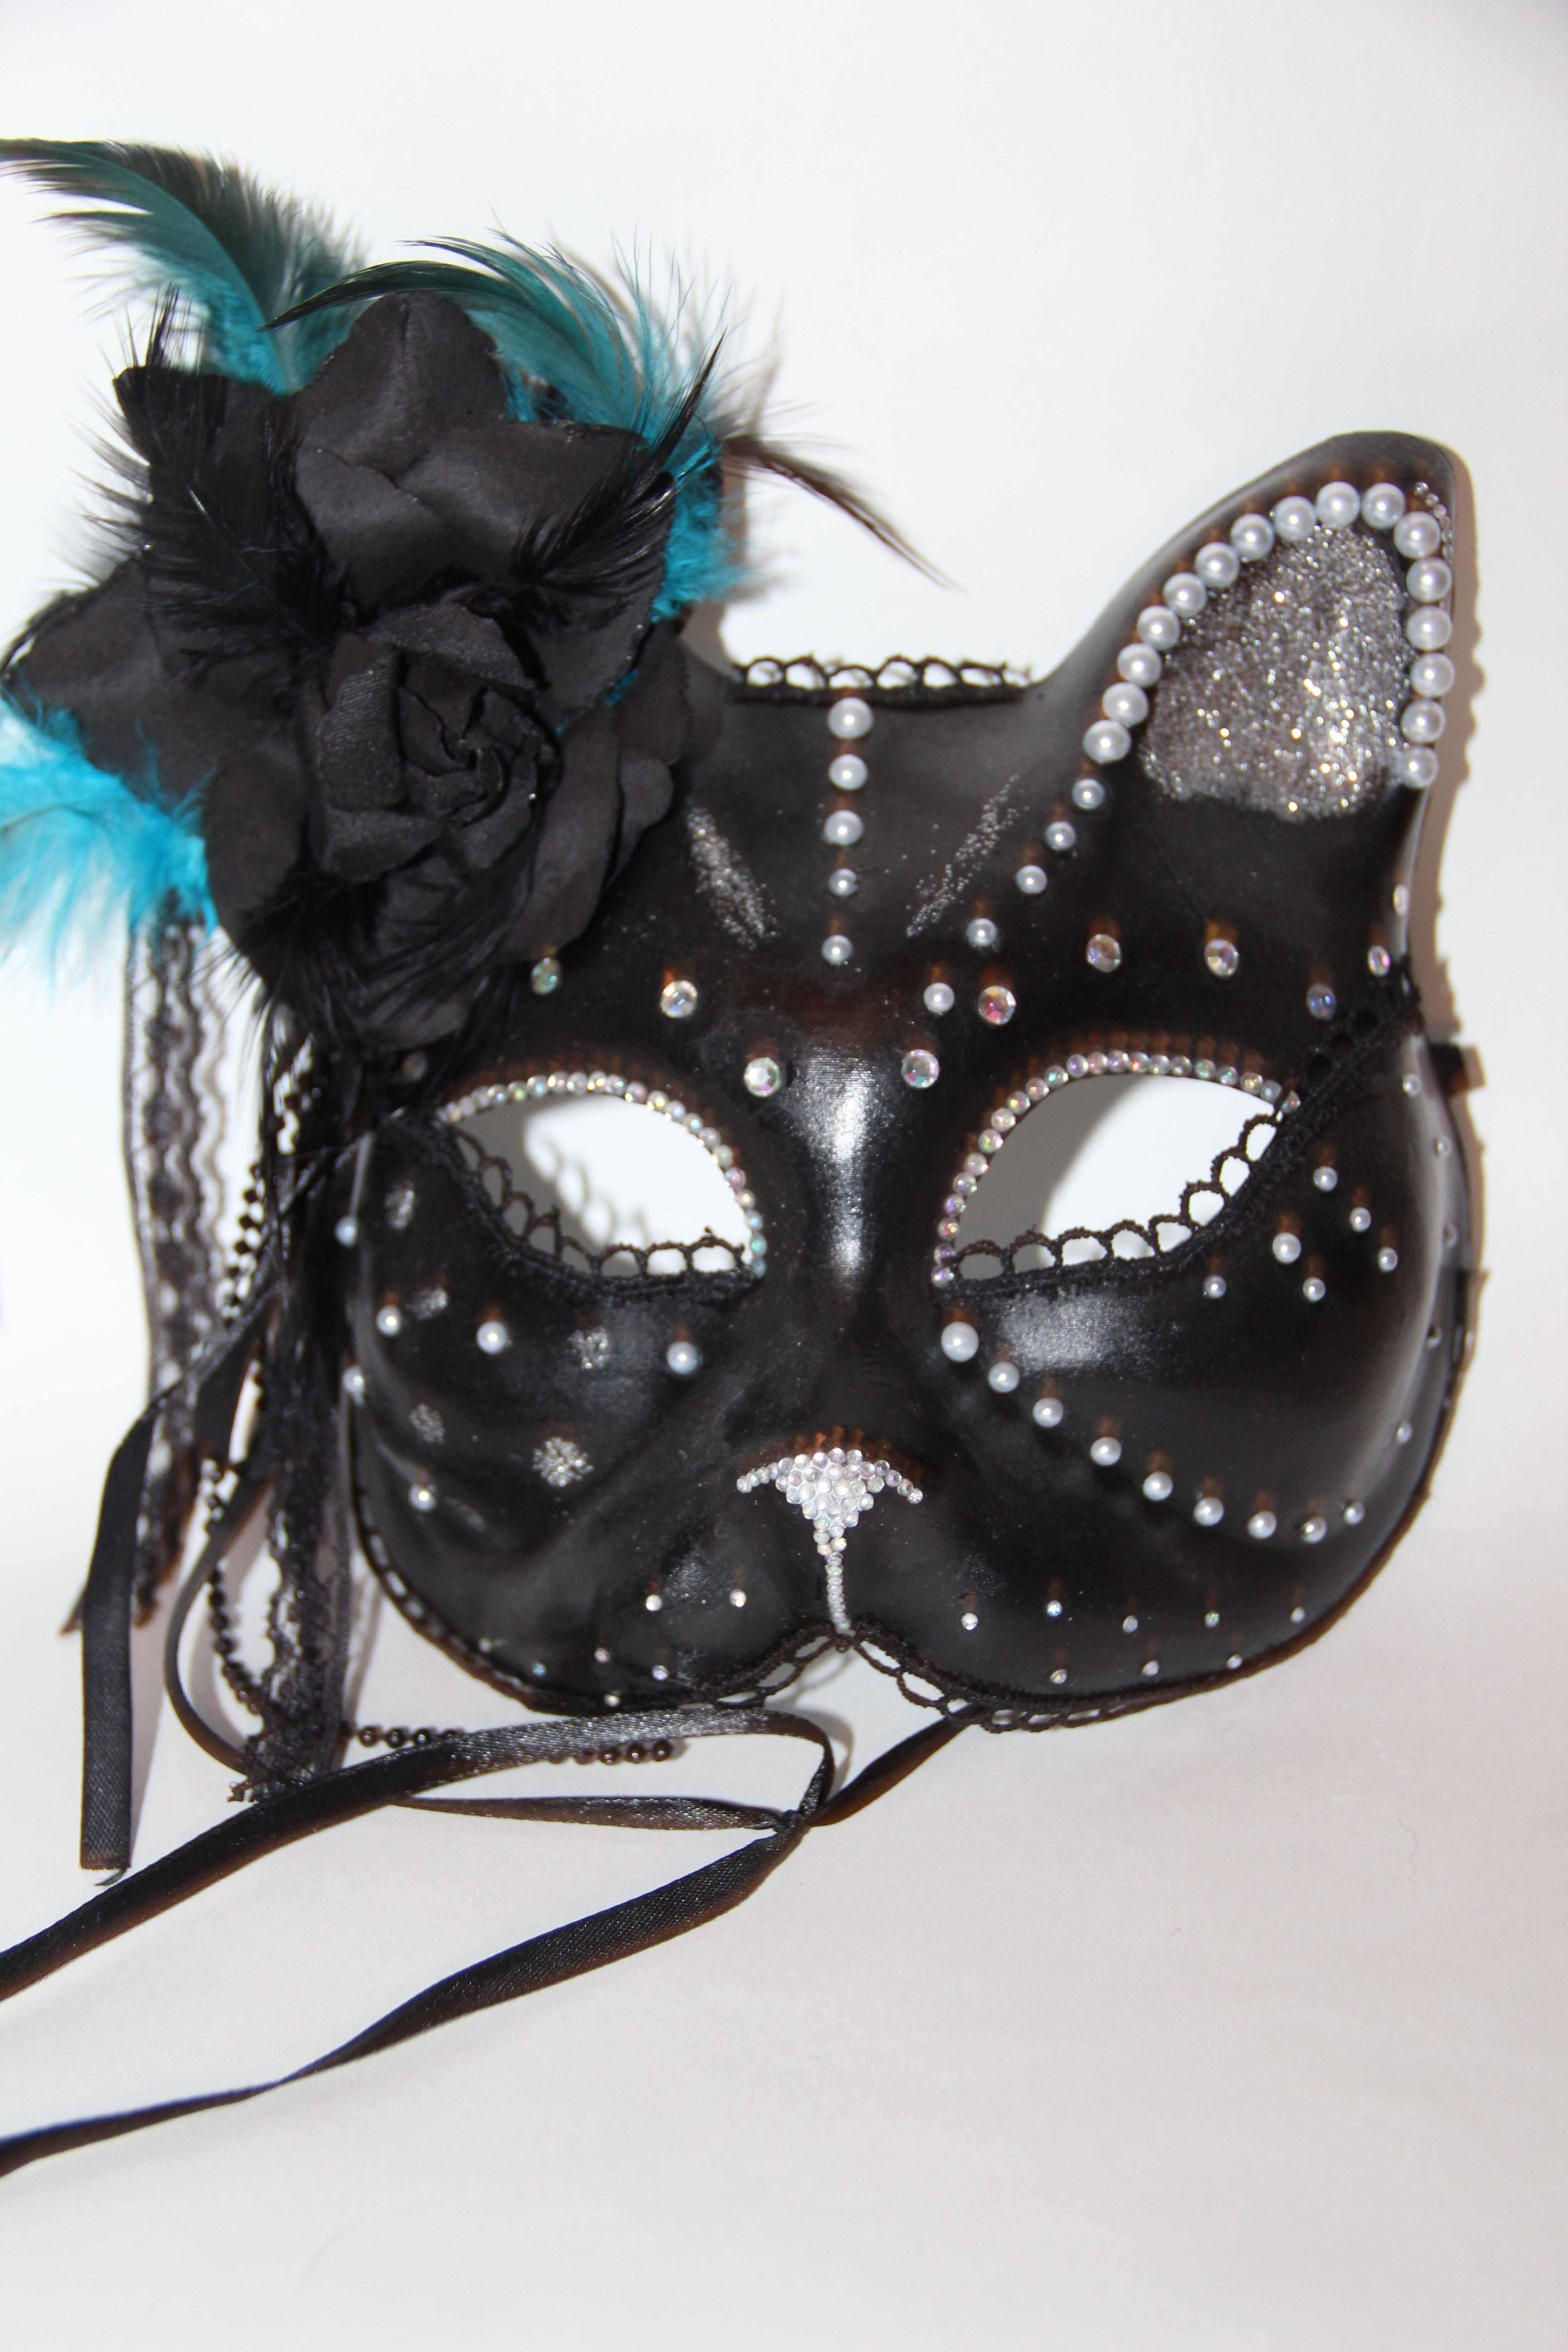 венеция венецианскаямаска кот блестки маска кошка кружево перья перо голубой черный